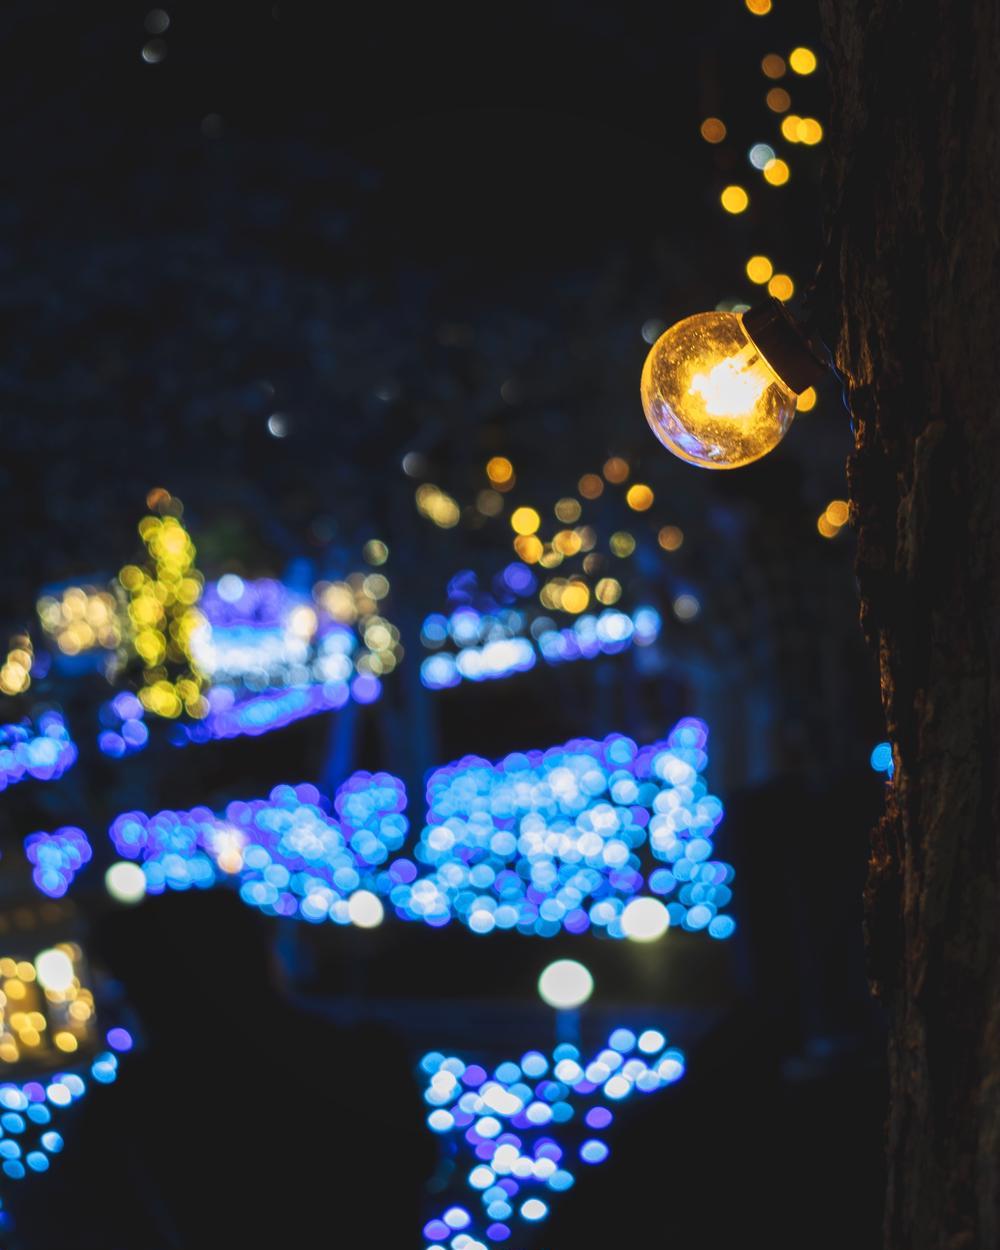 Yuta Kumagaiさんの湘南の宝石〜江ノ島を彩る光と色の祭典 2018への投稿